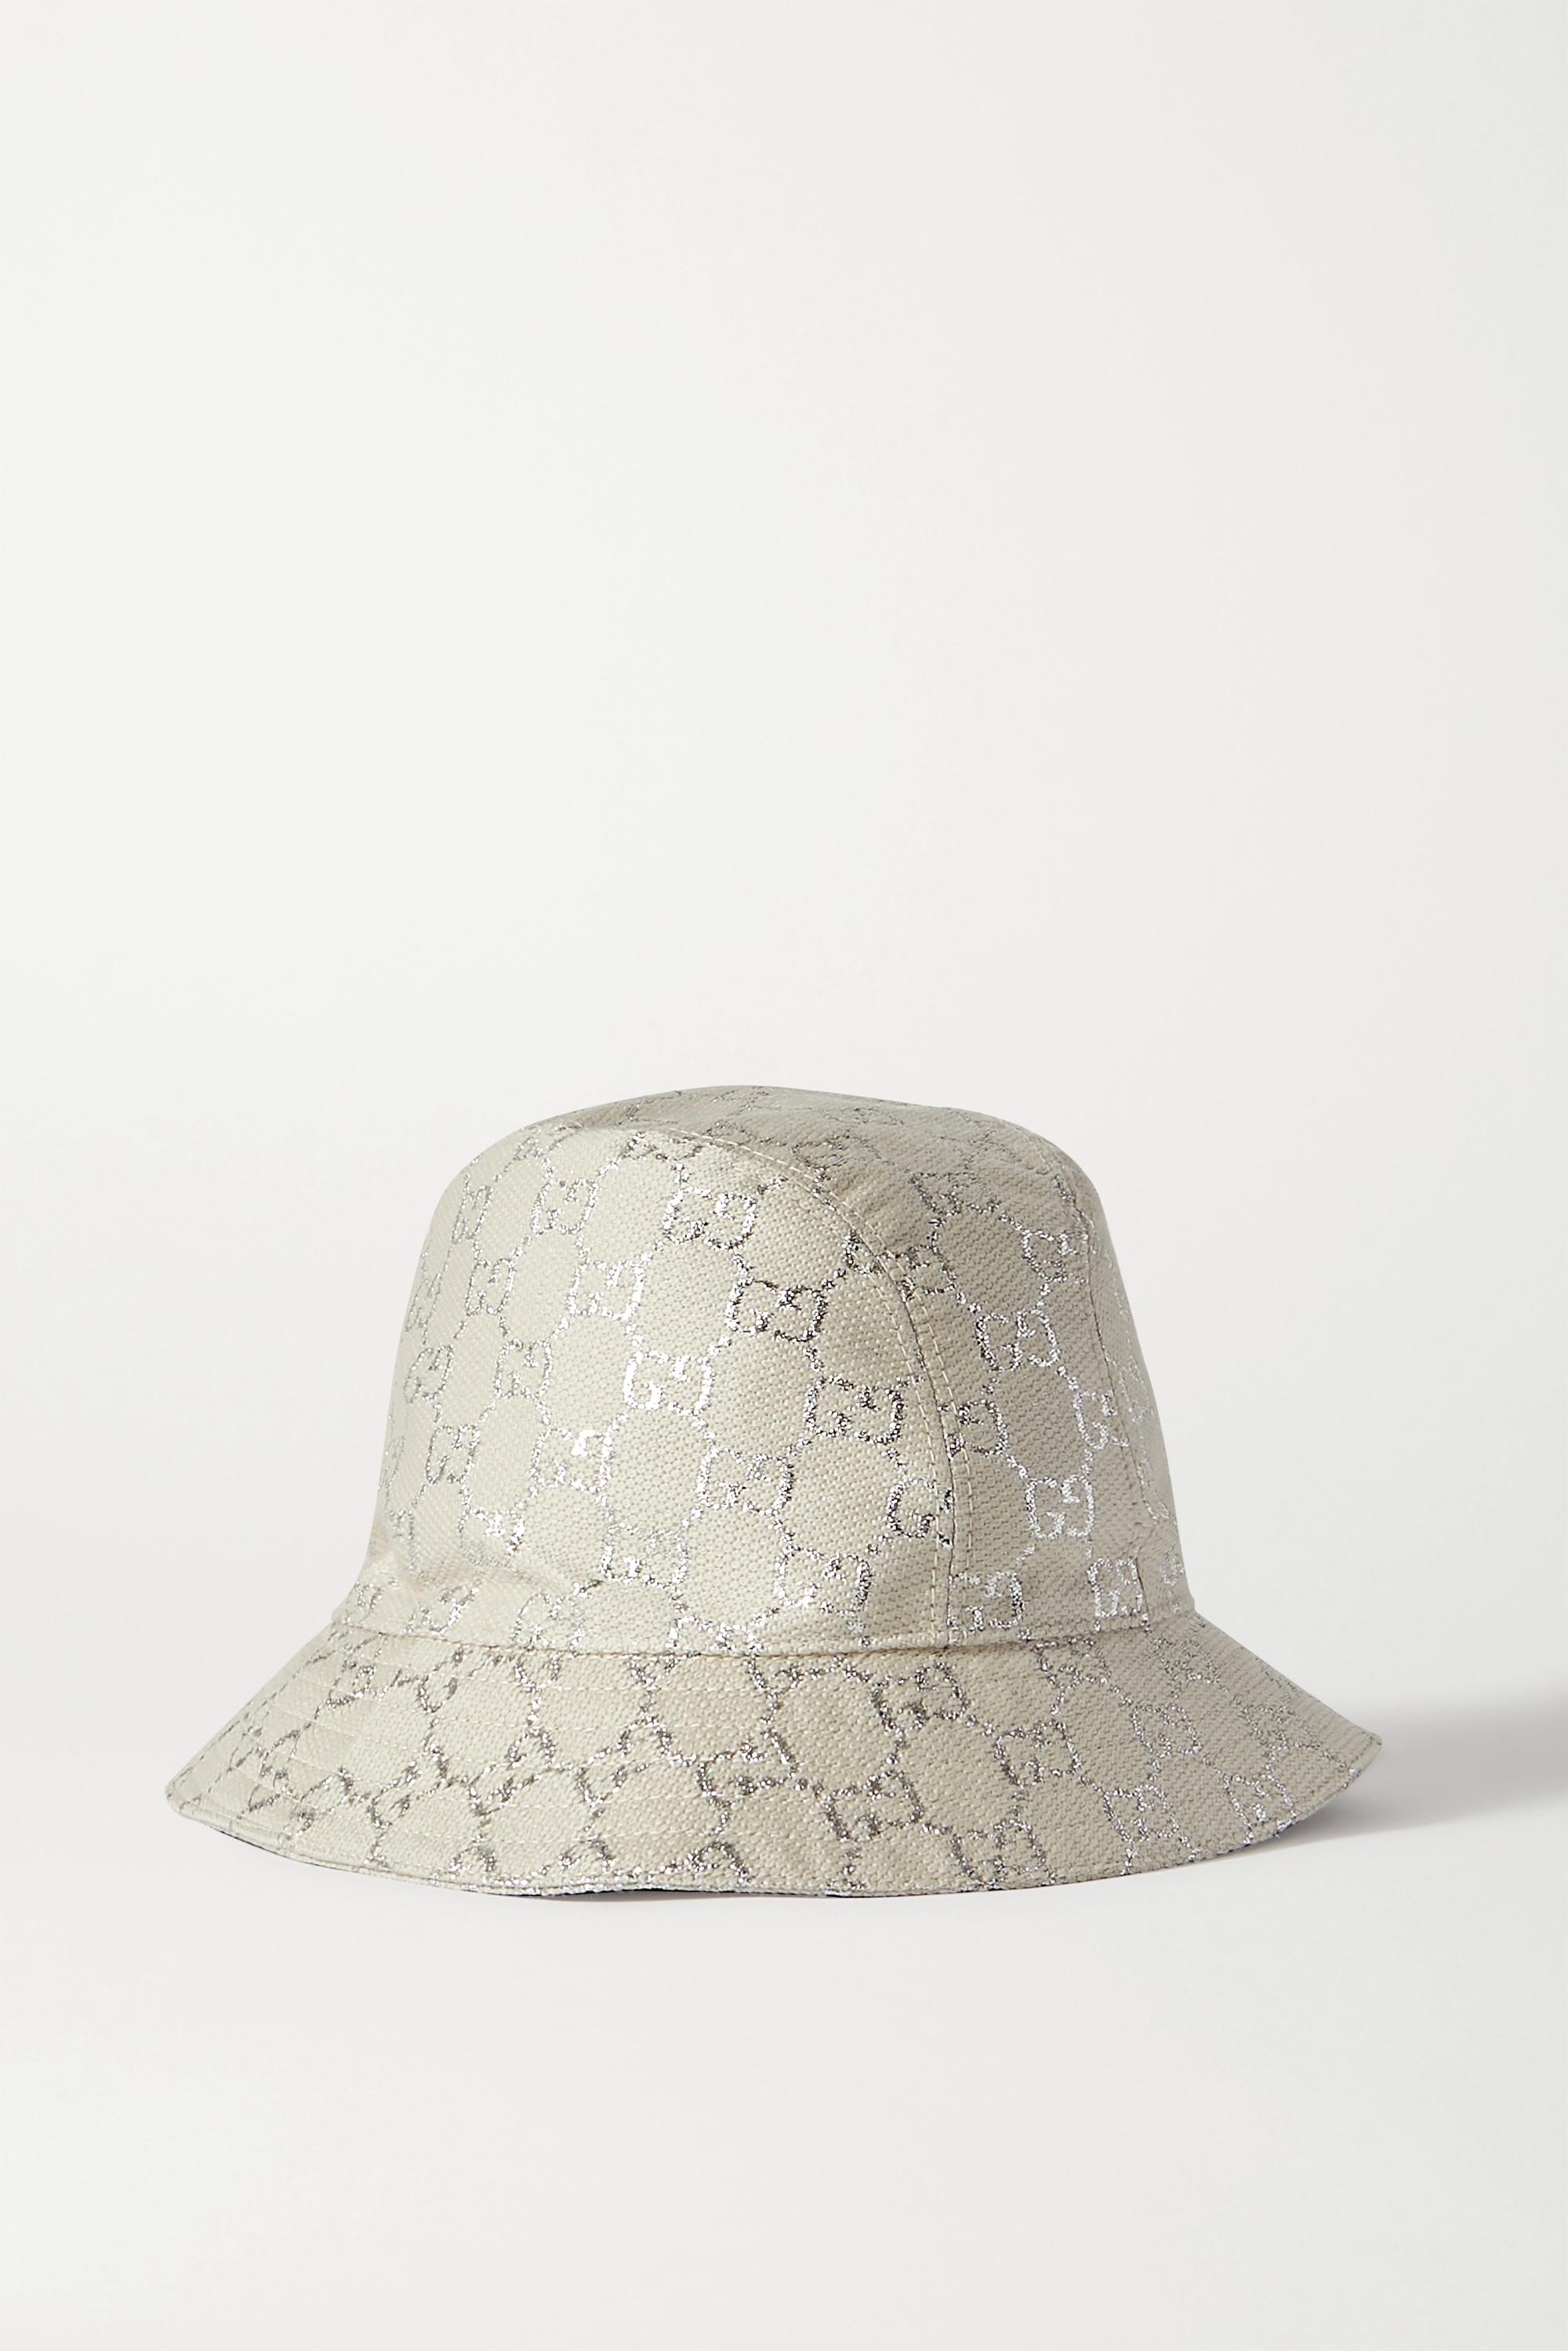 Gucci Fischerhut aus Jacquard aus einer Wollmischung in Metallic-Optik